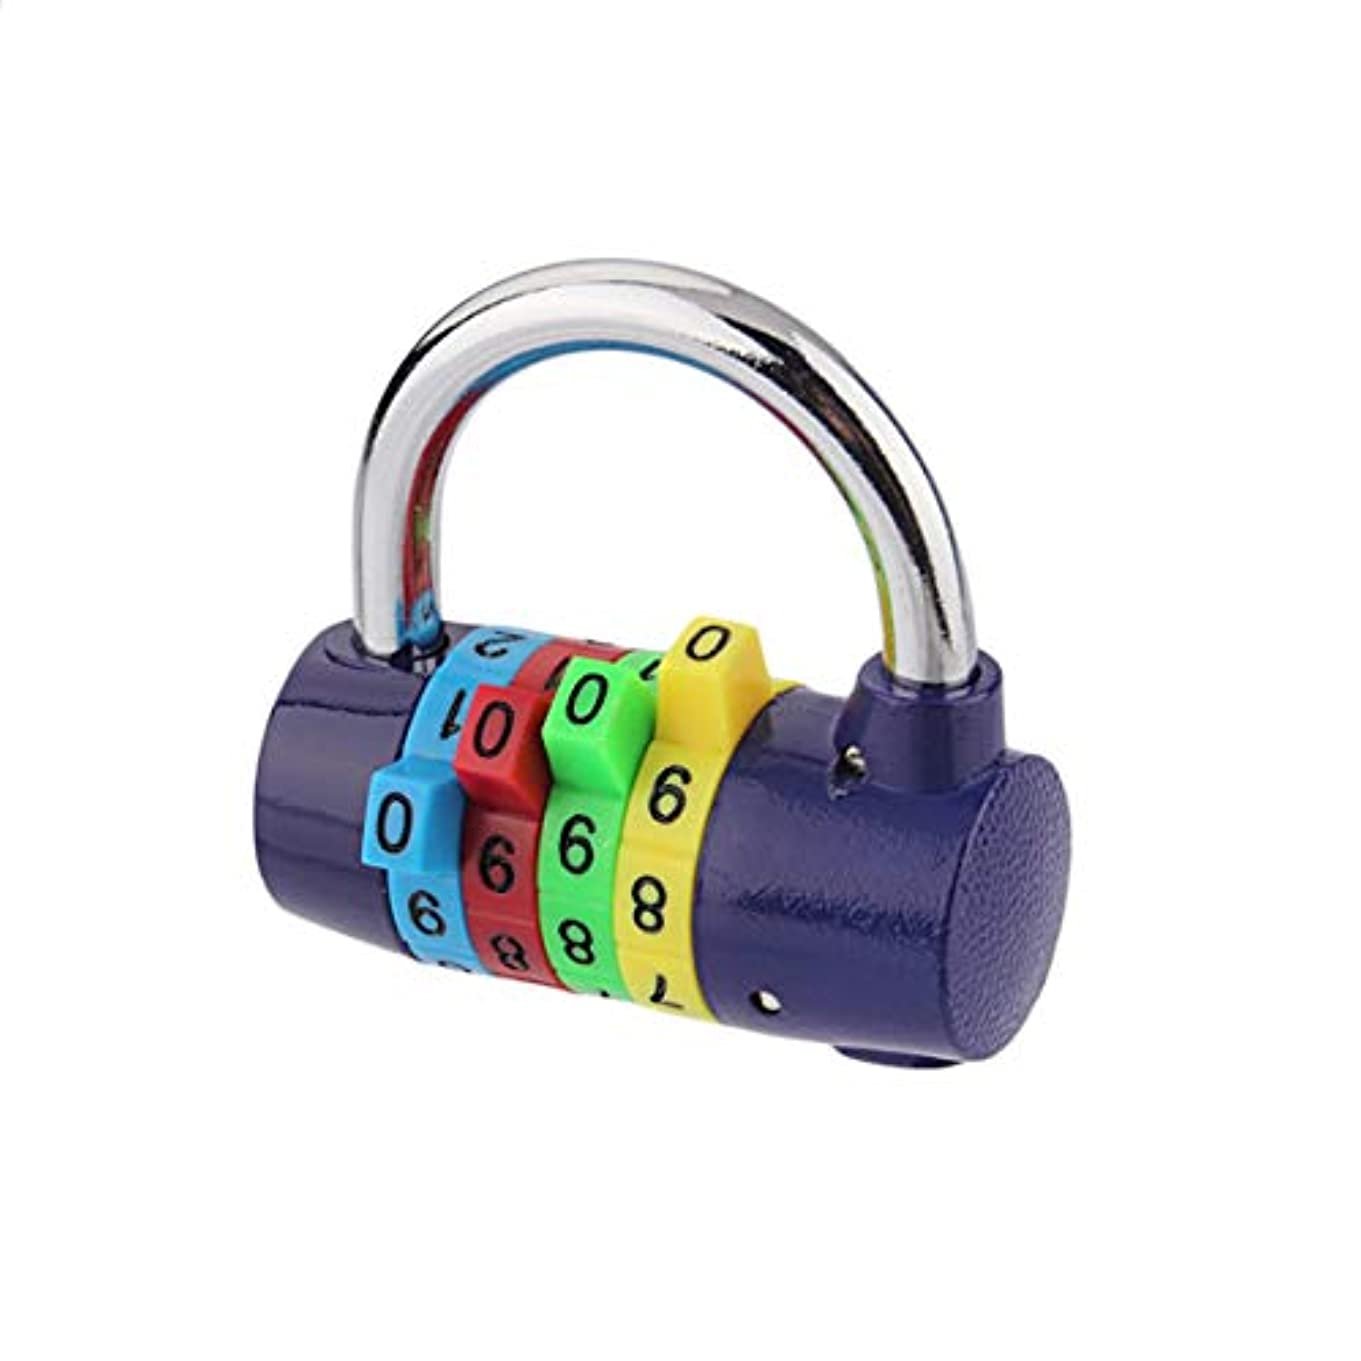 に賛成達成する杖Tivollyff カラー4南京錠ジムパスワードロック盗難防止ワードローブロック150 G多色